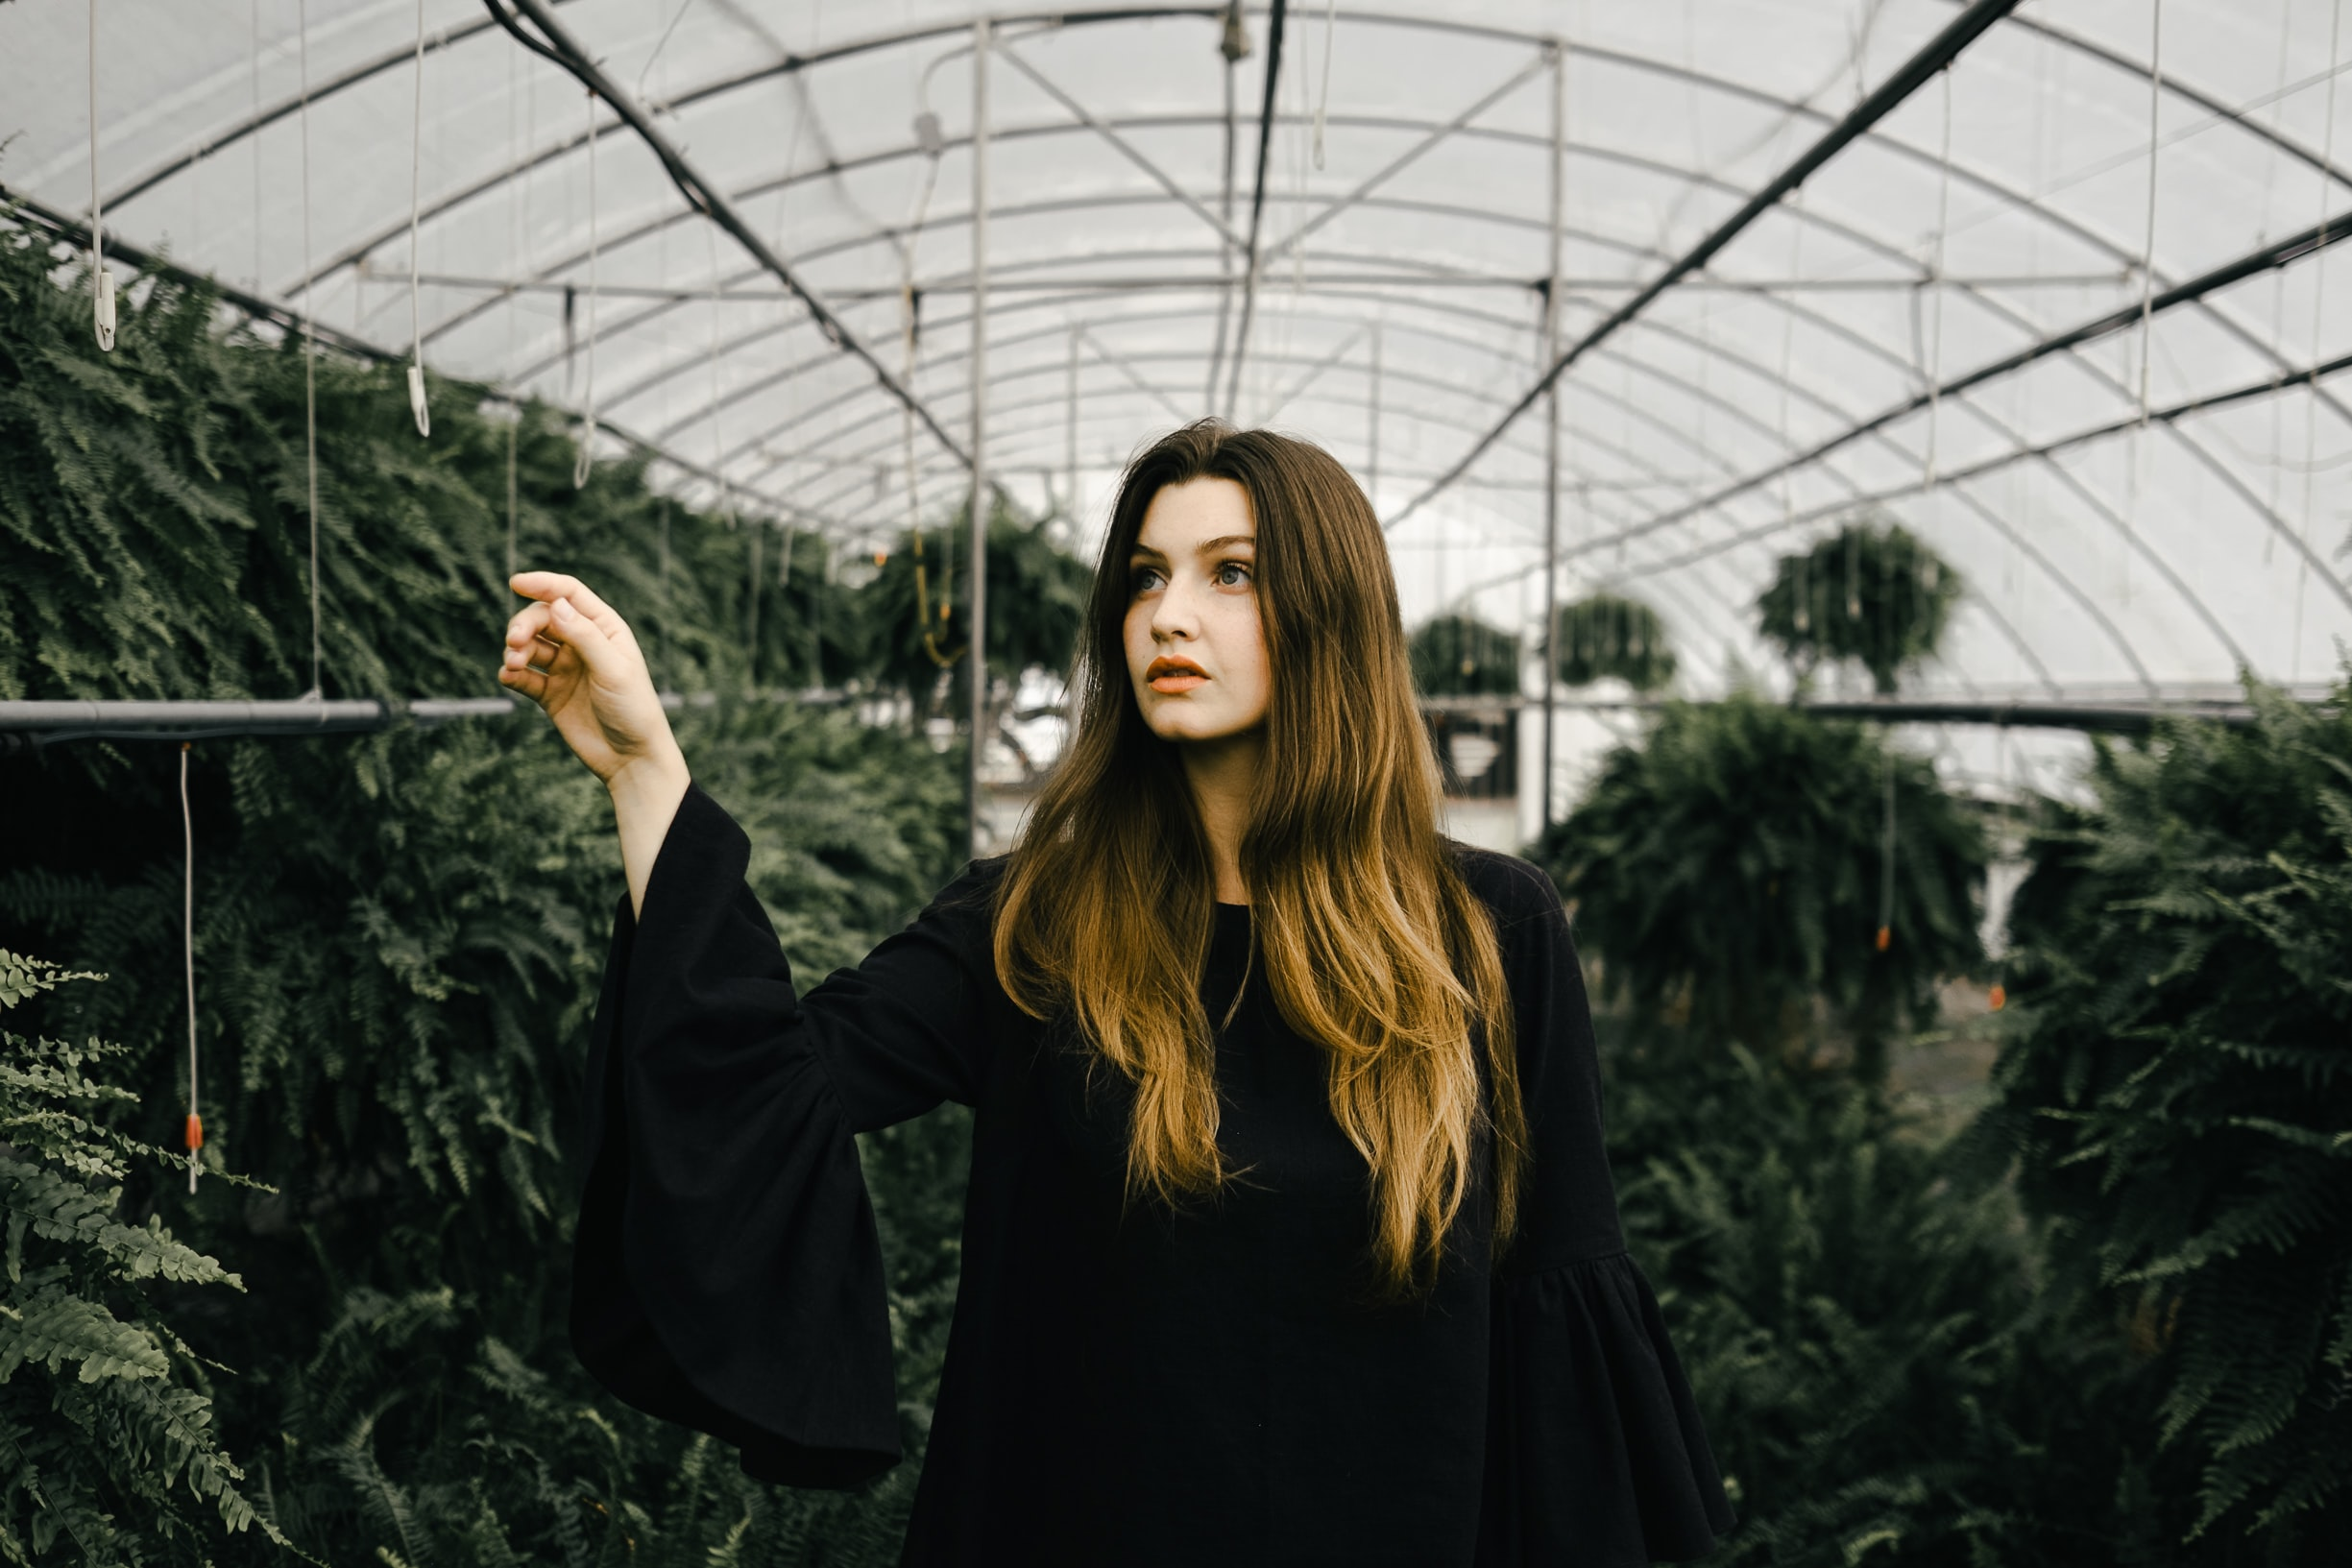 woman walking inside greenhouse